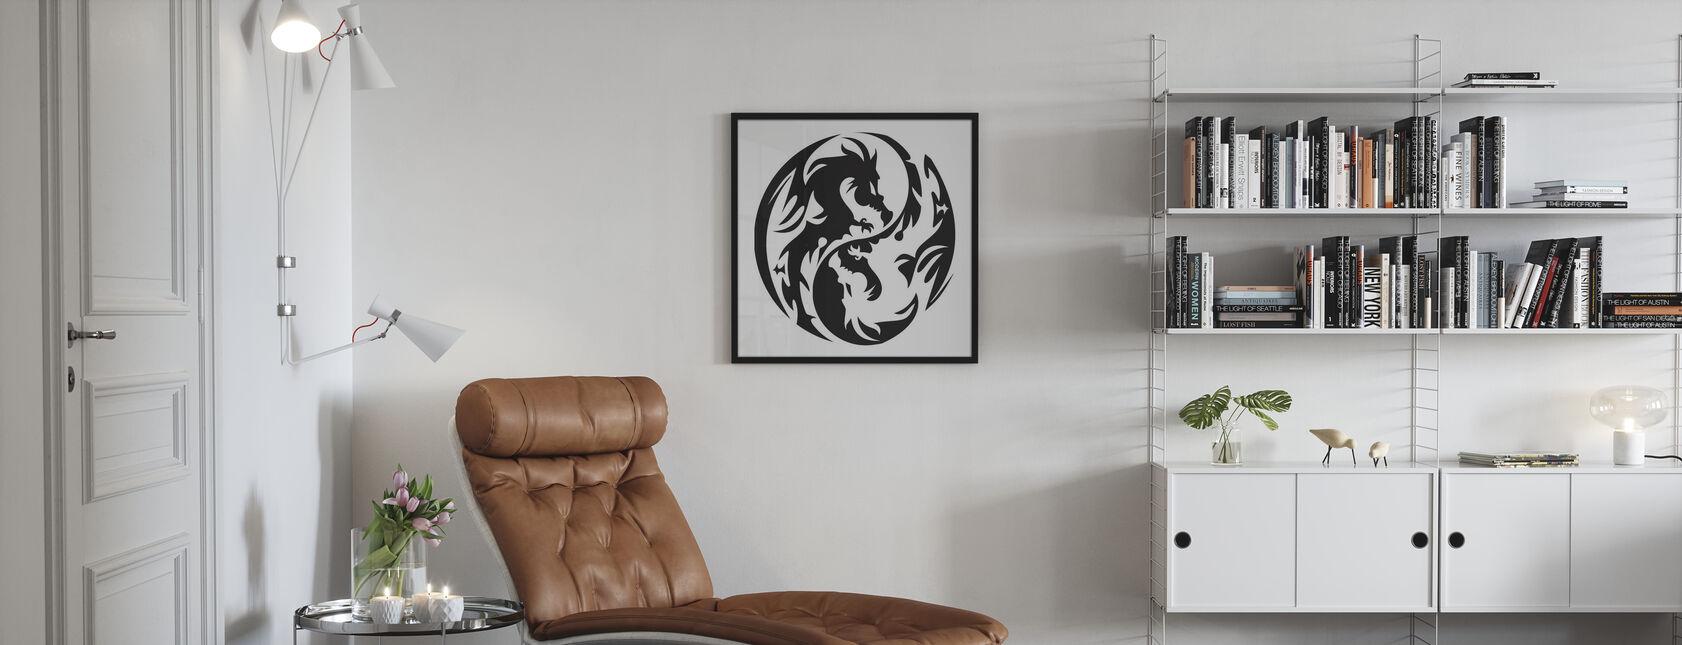 Cirkel Draken - Ingelijste print - Woonkamer